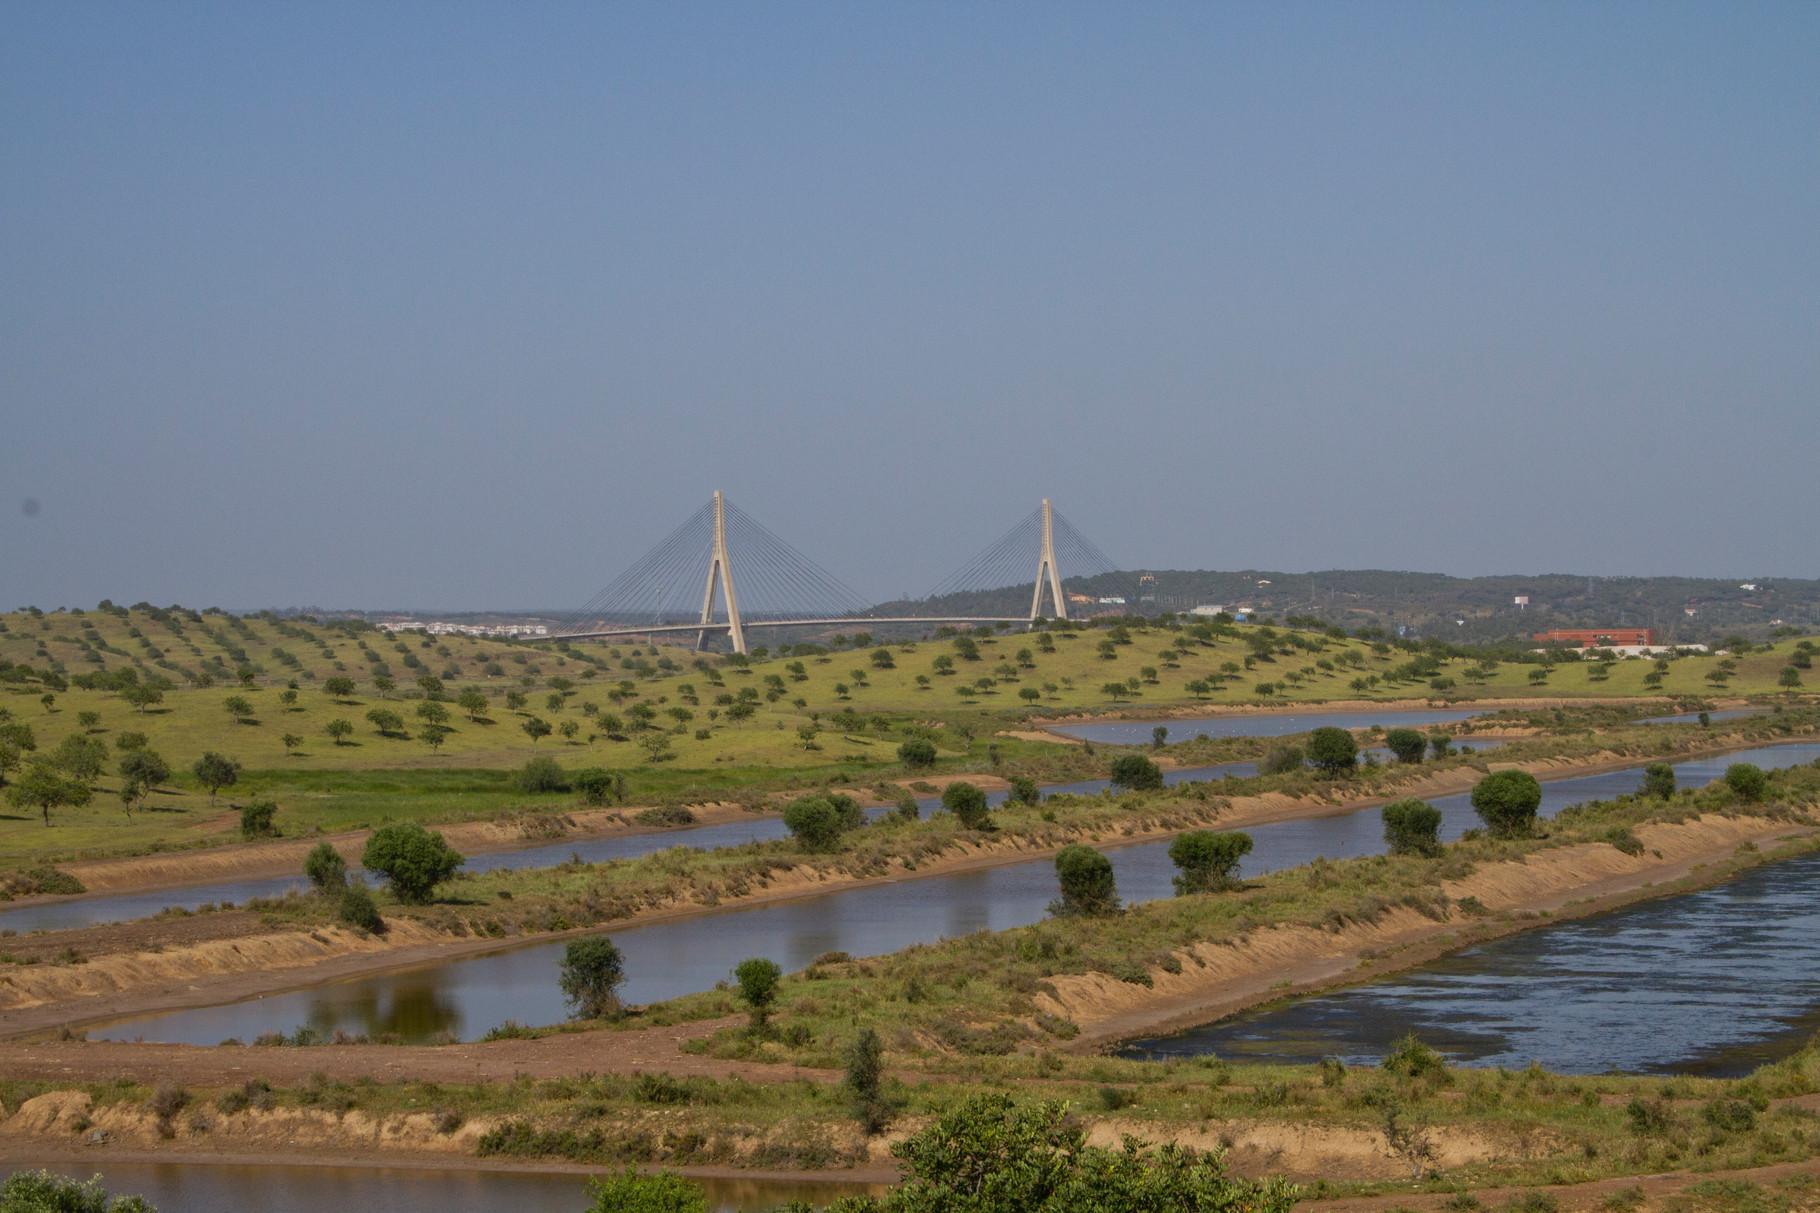 Die Salinen von Castro Marim (Algarve) und die Autobahnbrücke über den Guadiana, die Portugal und Spanien verbindet